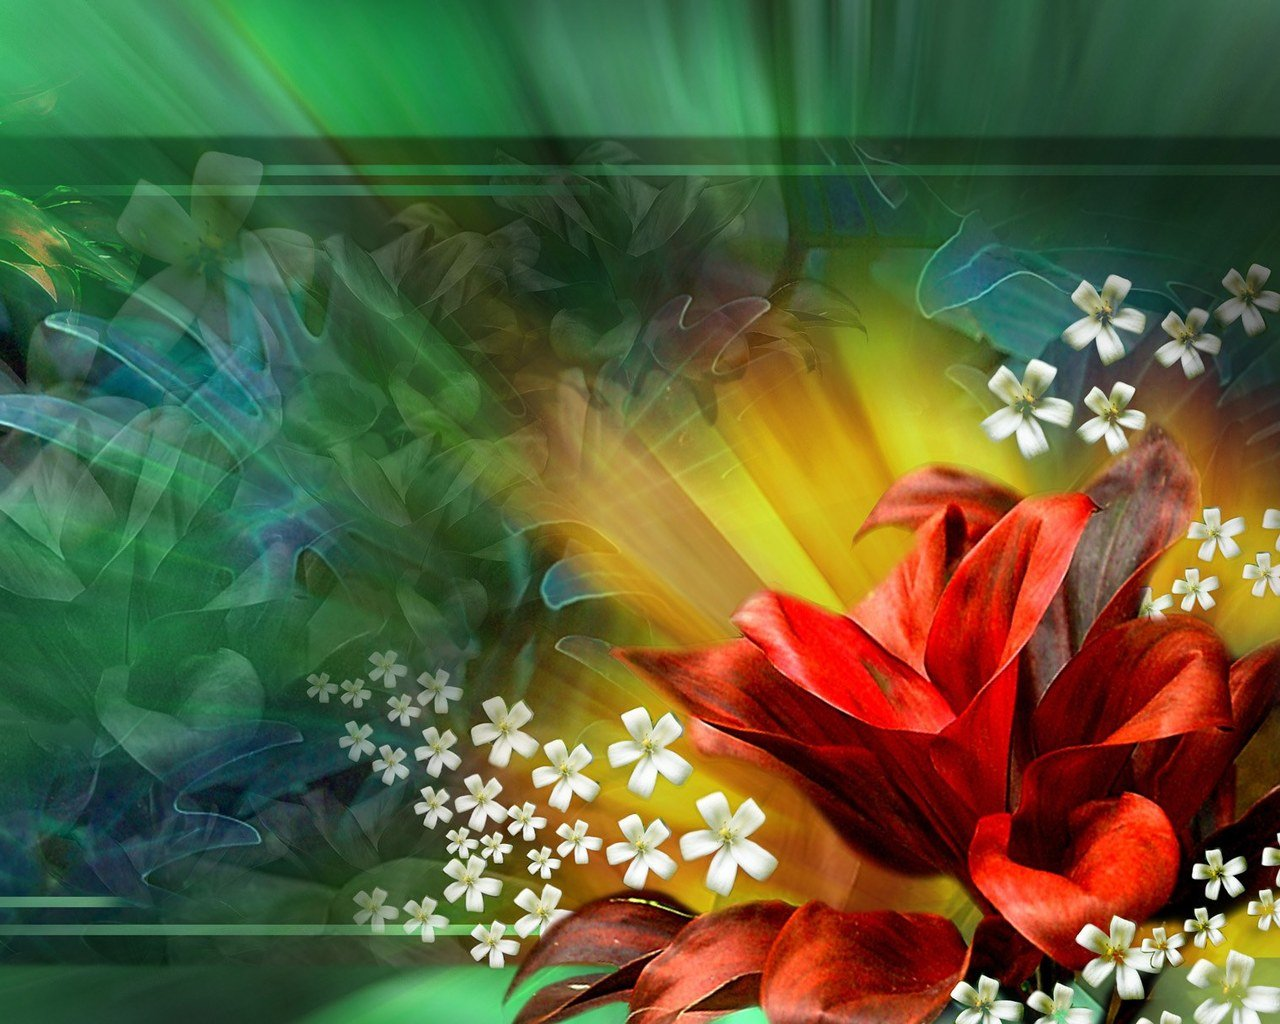 3D Wallpaper Download 1280x1024